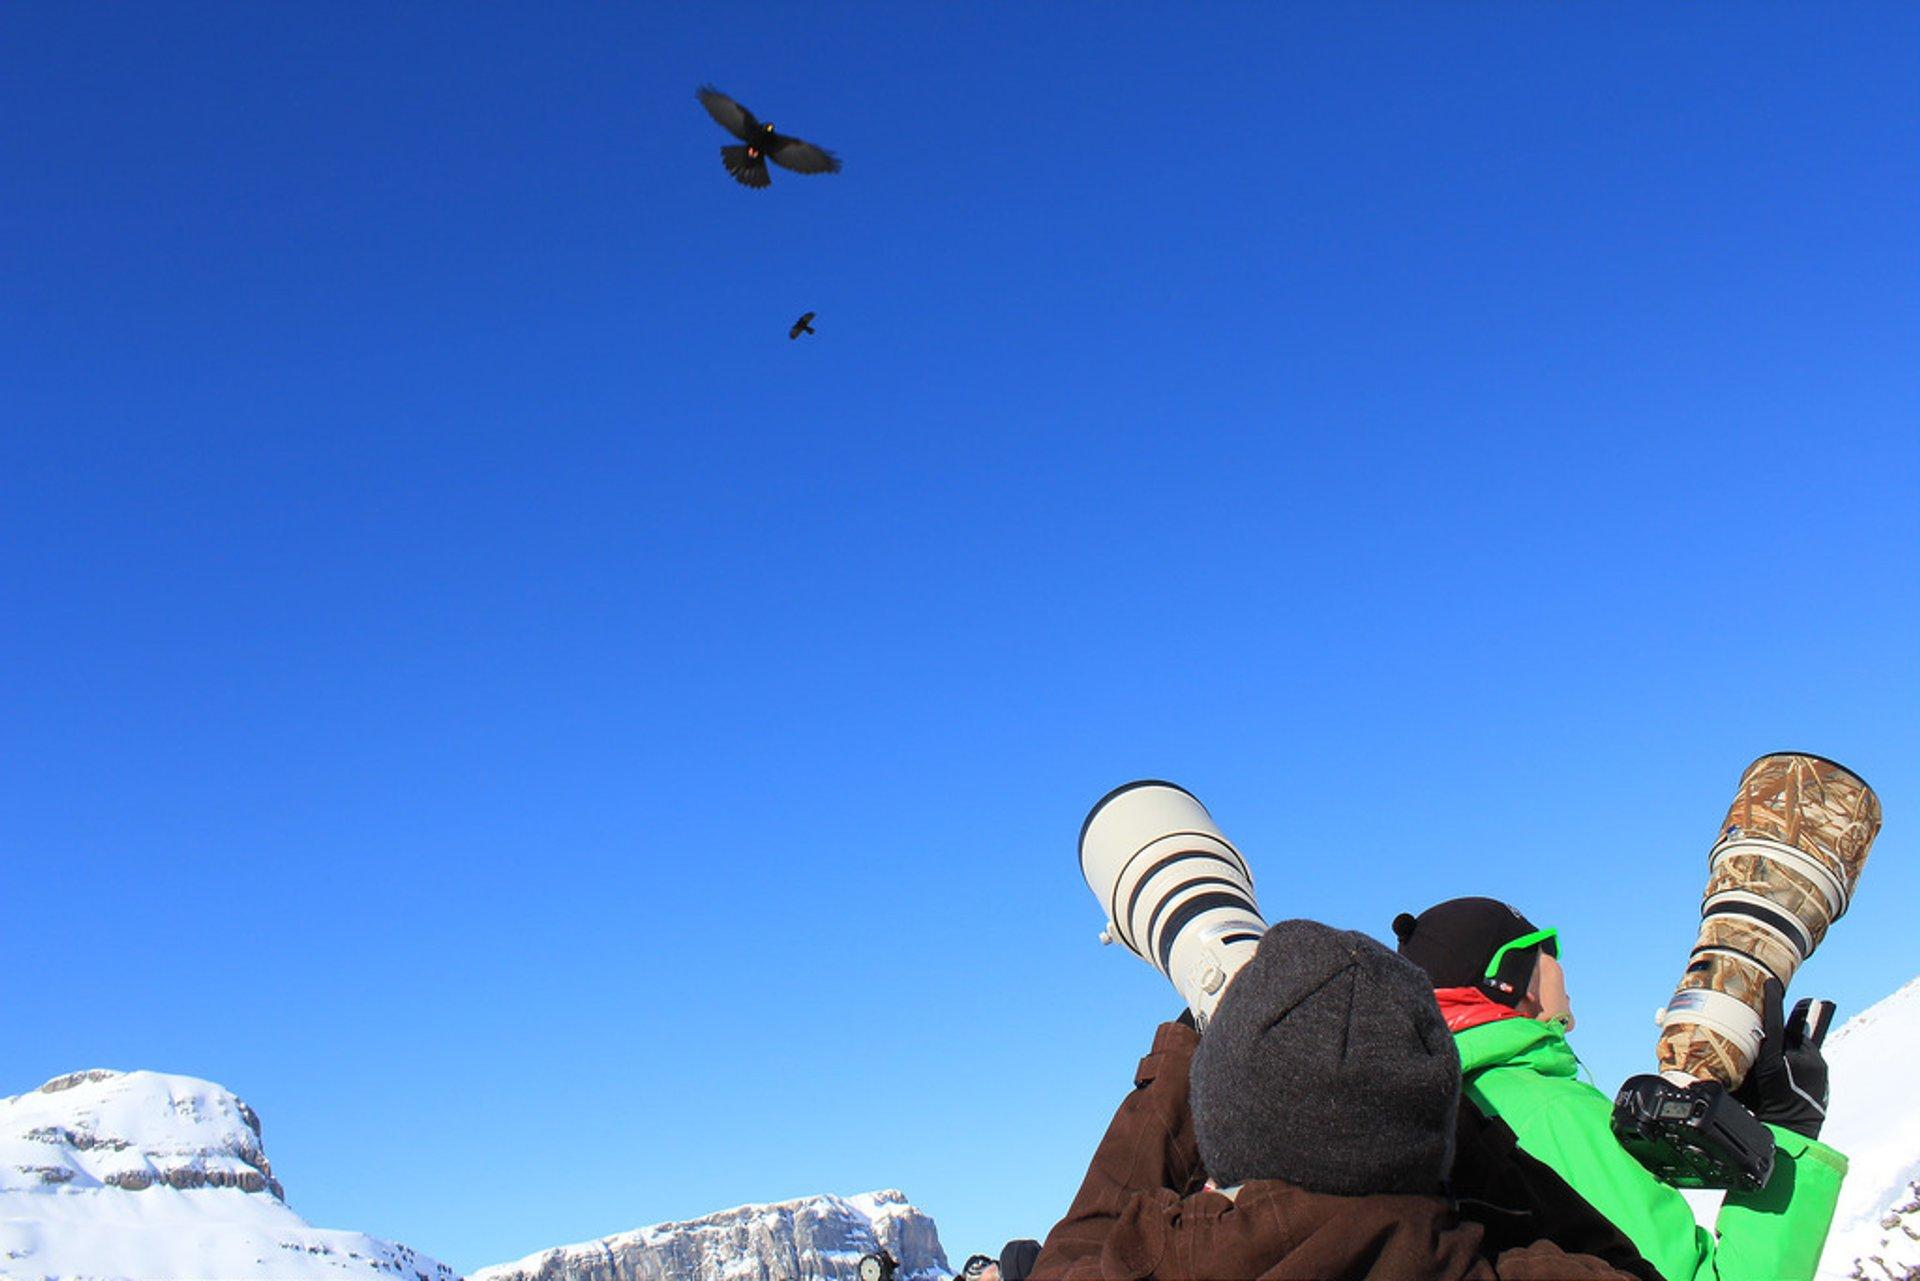 Birdwatching in Switzerland 2020 - Best Time